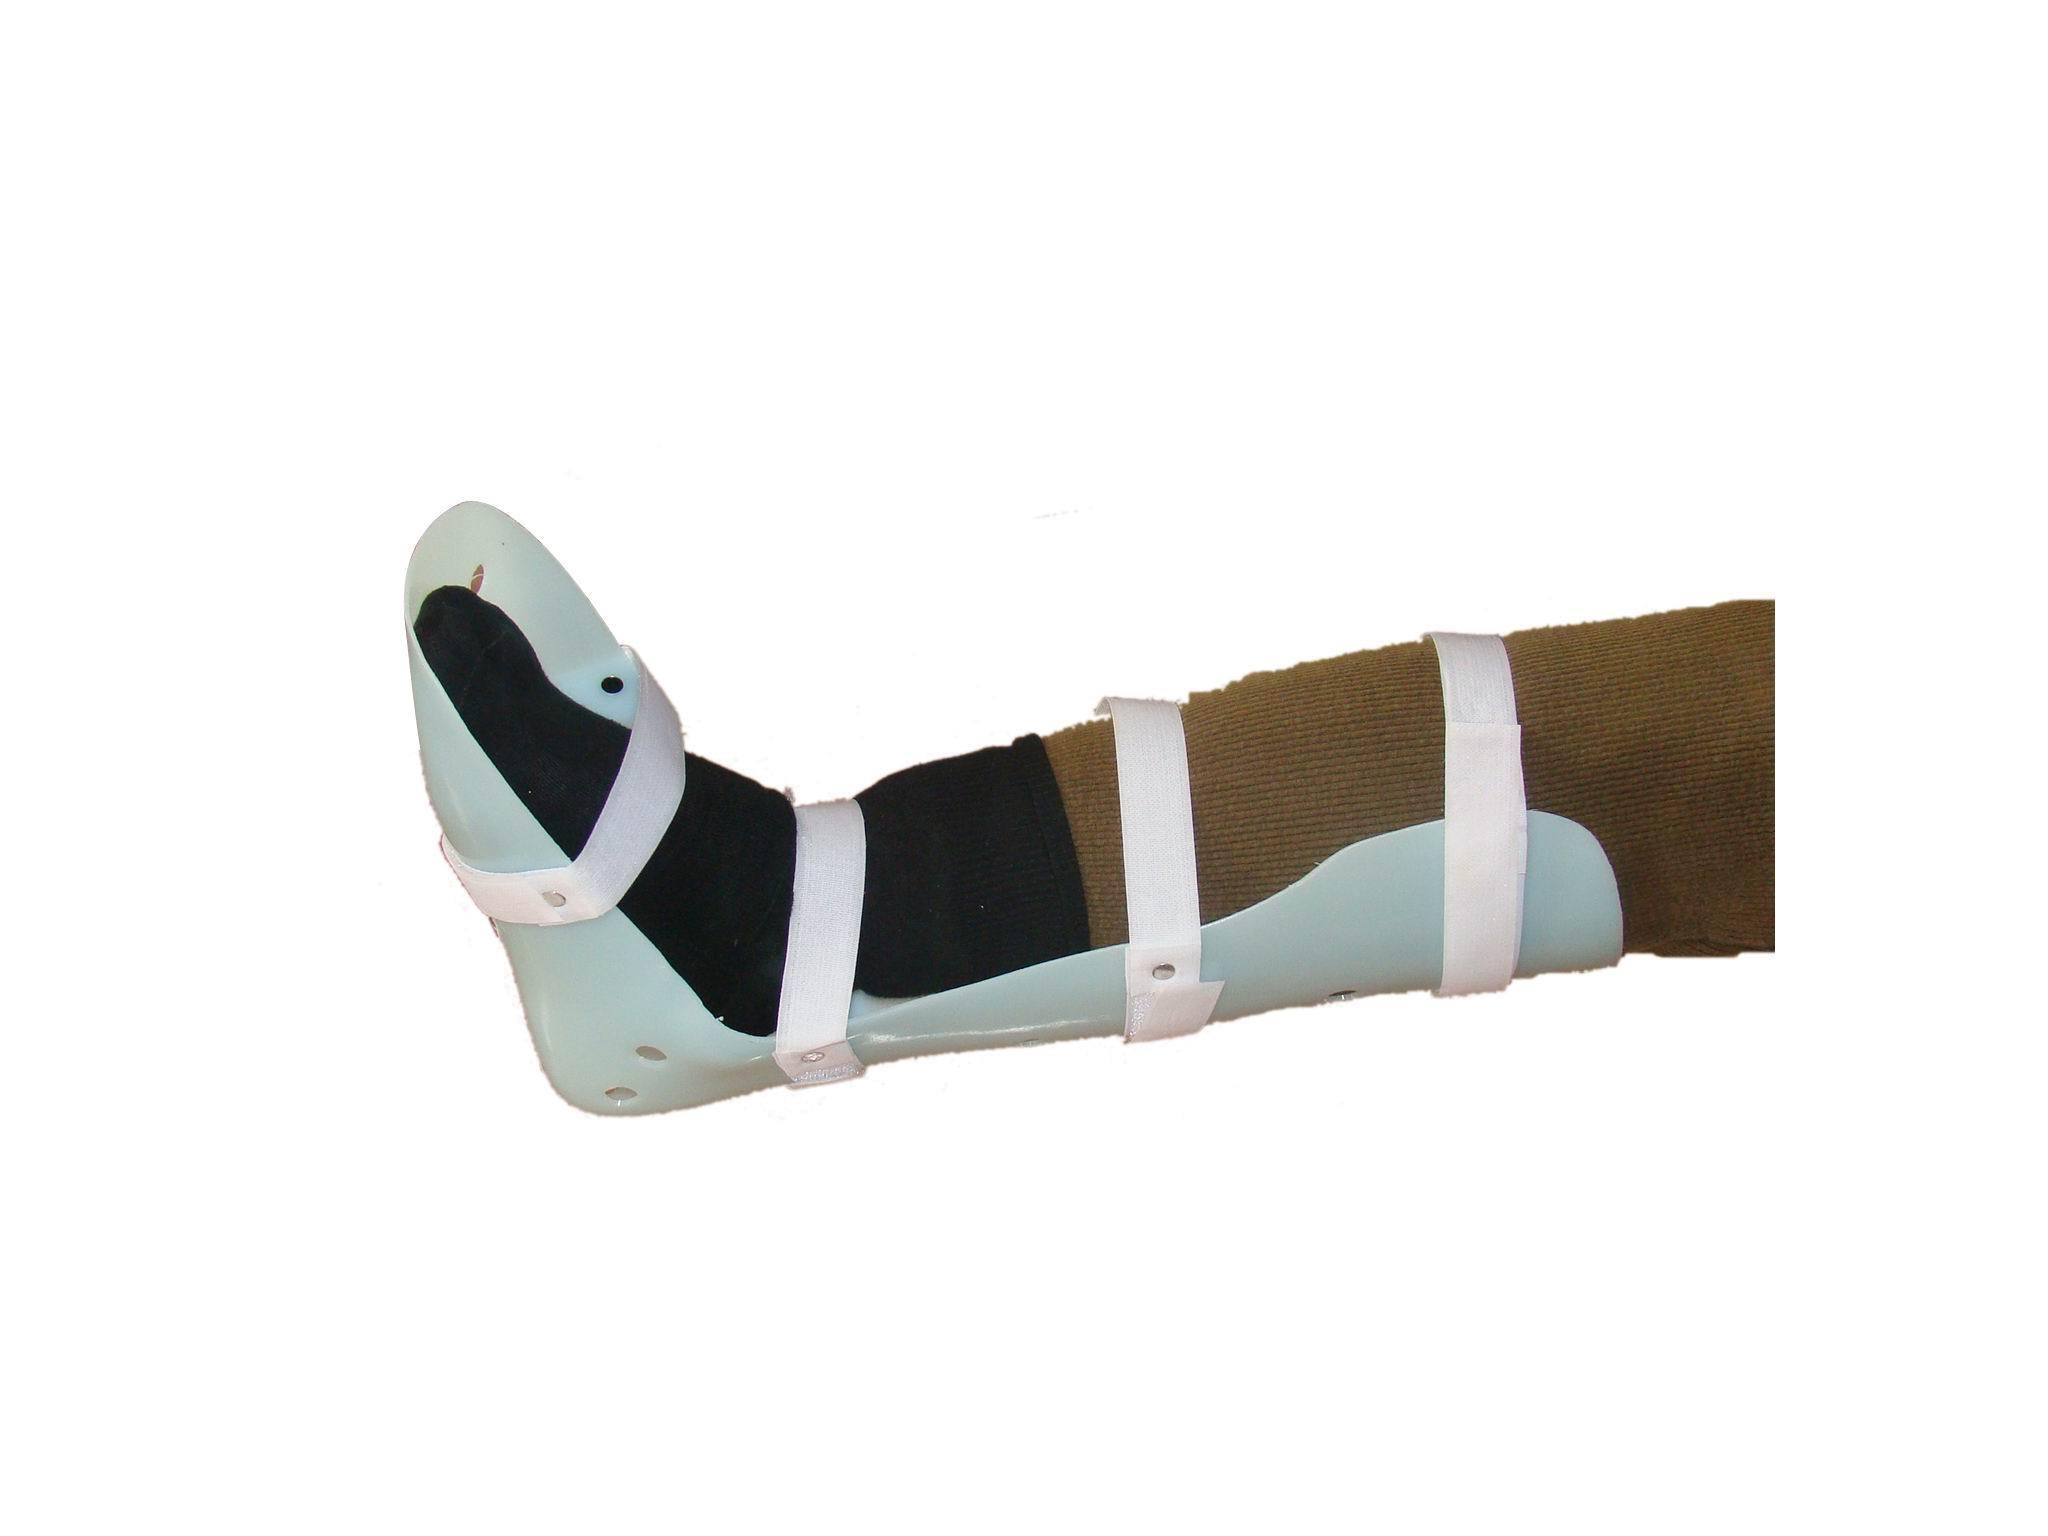 胫腓骨超踝支具 PVC塑料支具 脚踝支具 腿部固定 骨折 矫正 价格:28.00